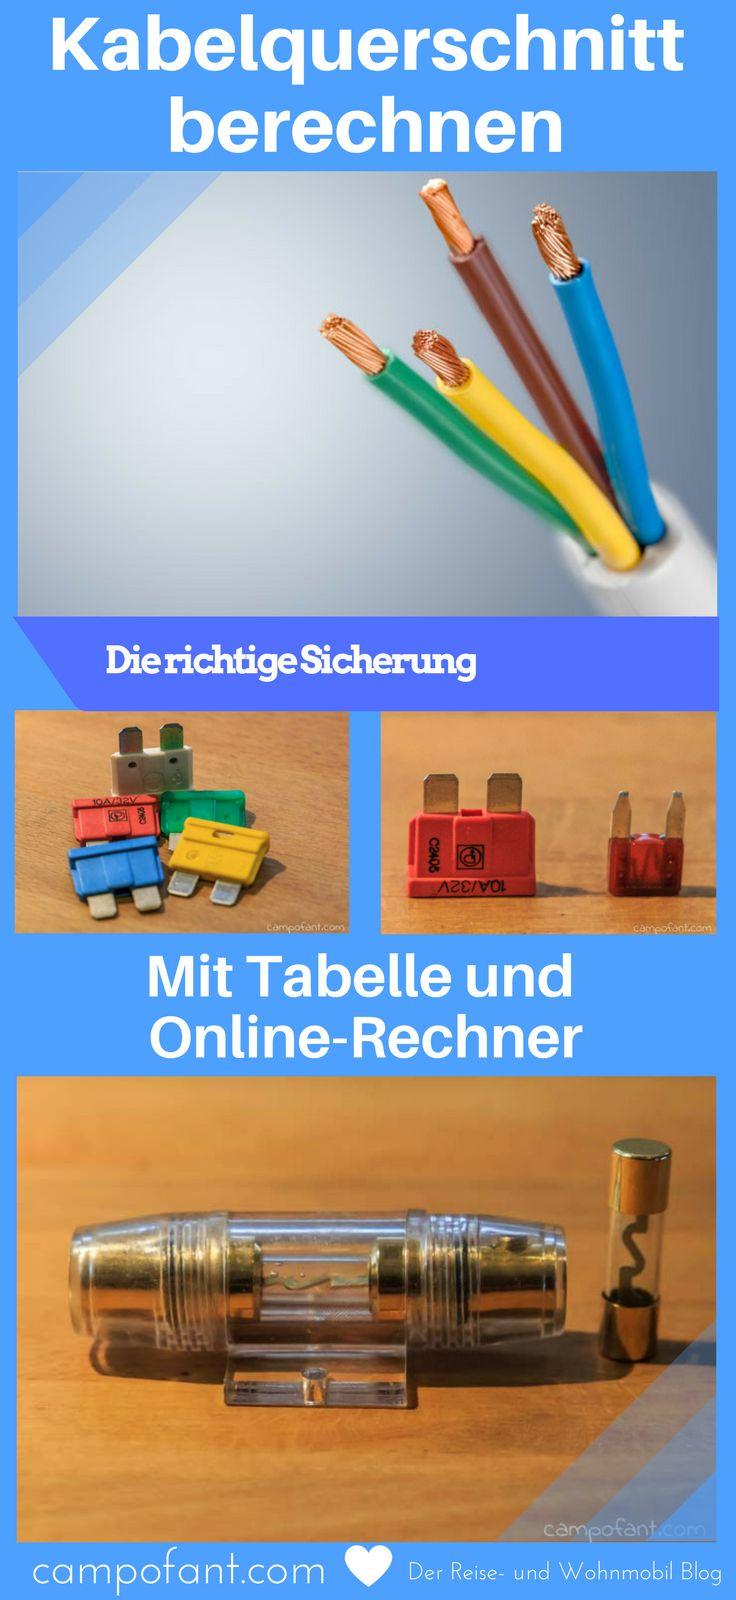 Kabelquerschnitt berechnen mit Tabelle und Online-Rechner – Karl-R. Wilde